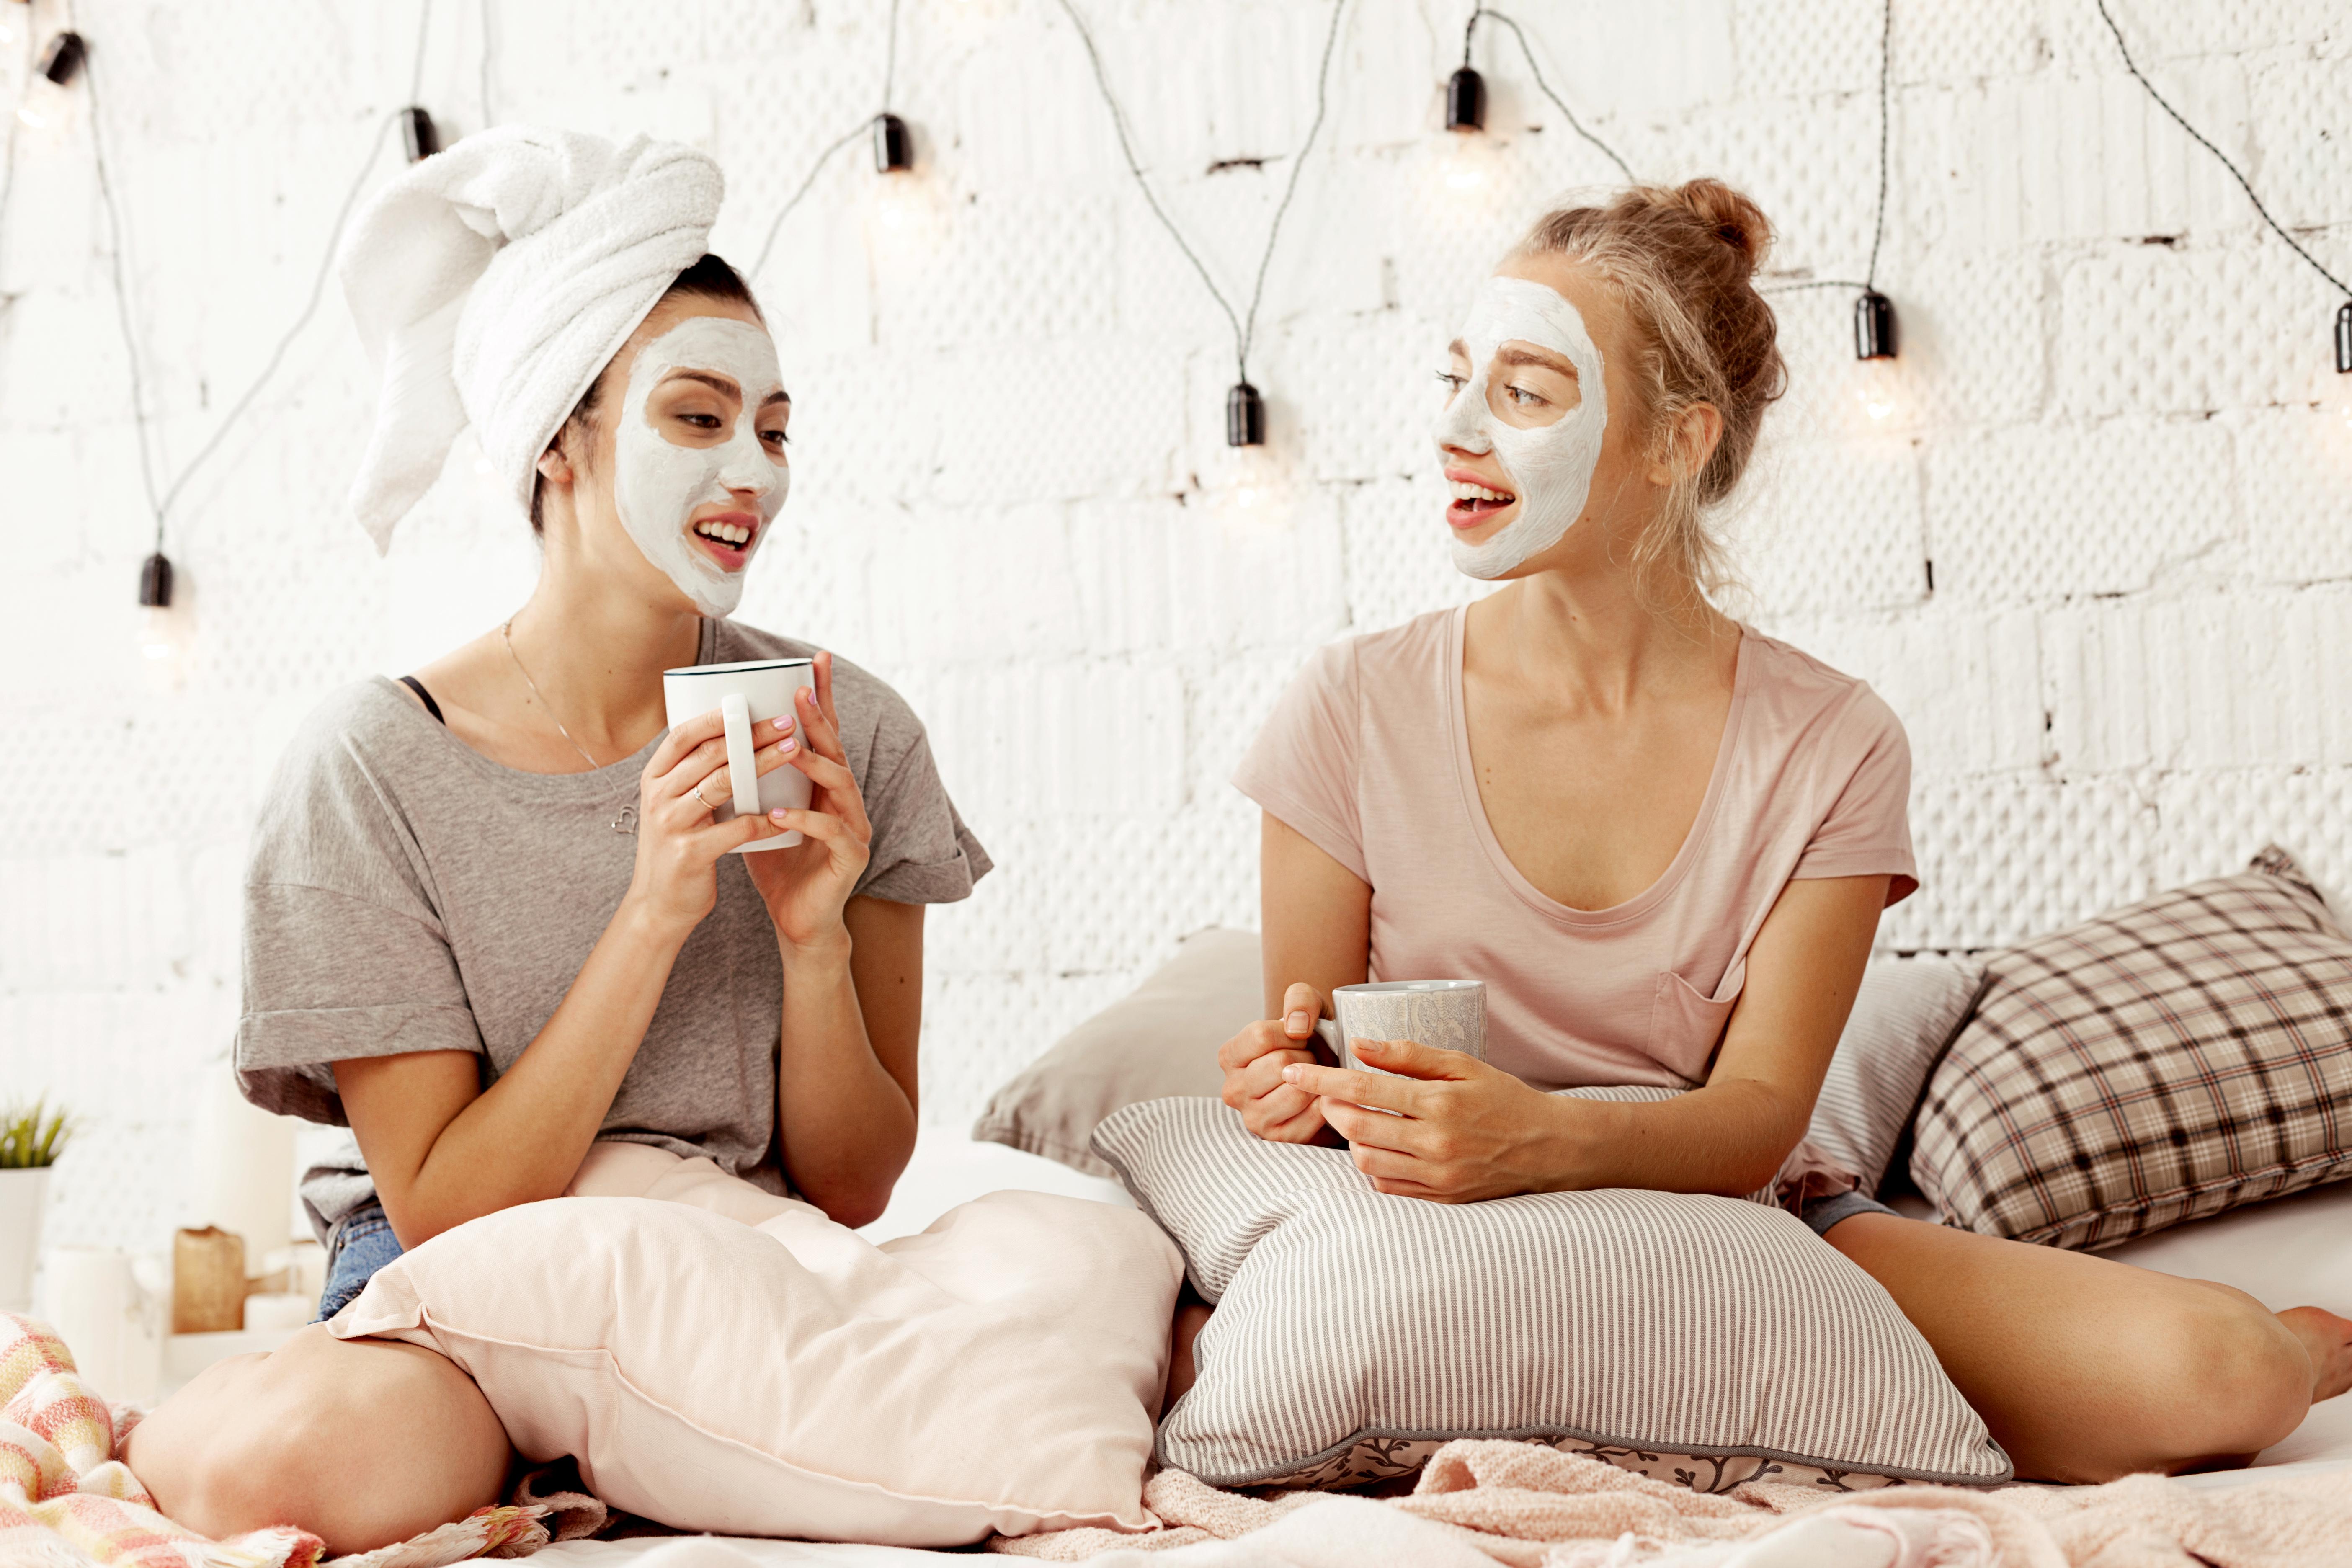 Glowing Skin Care Mask